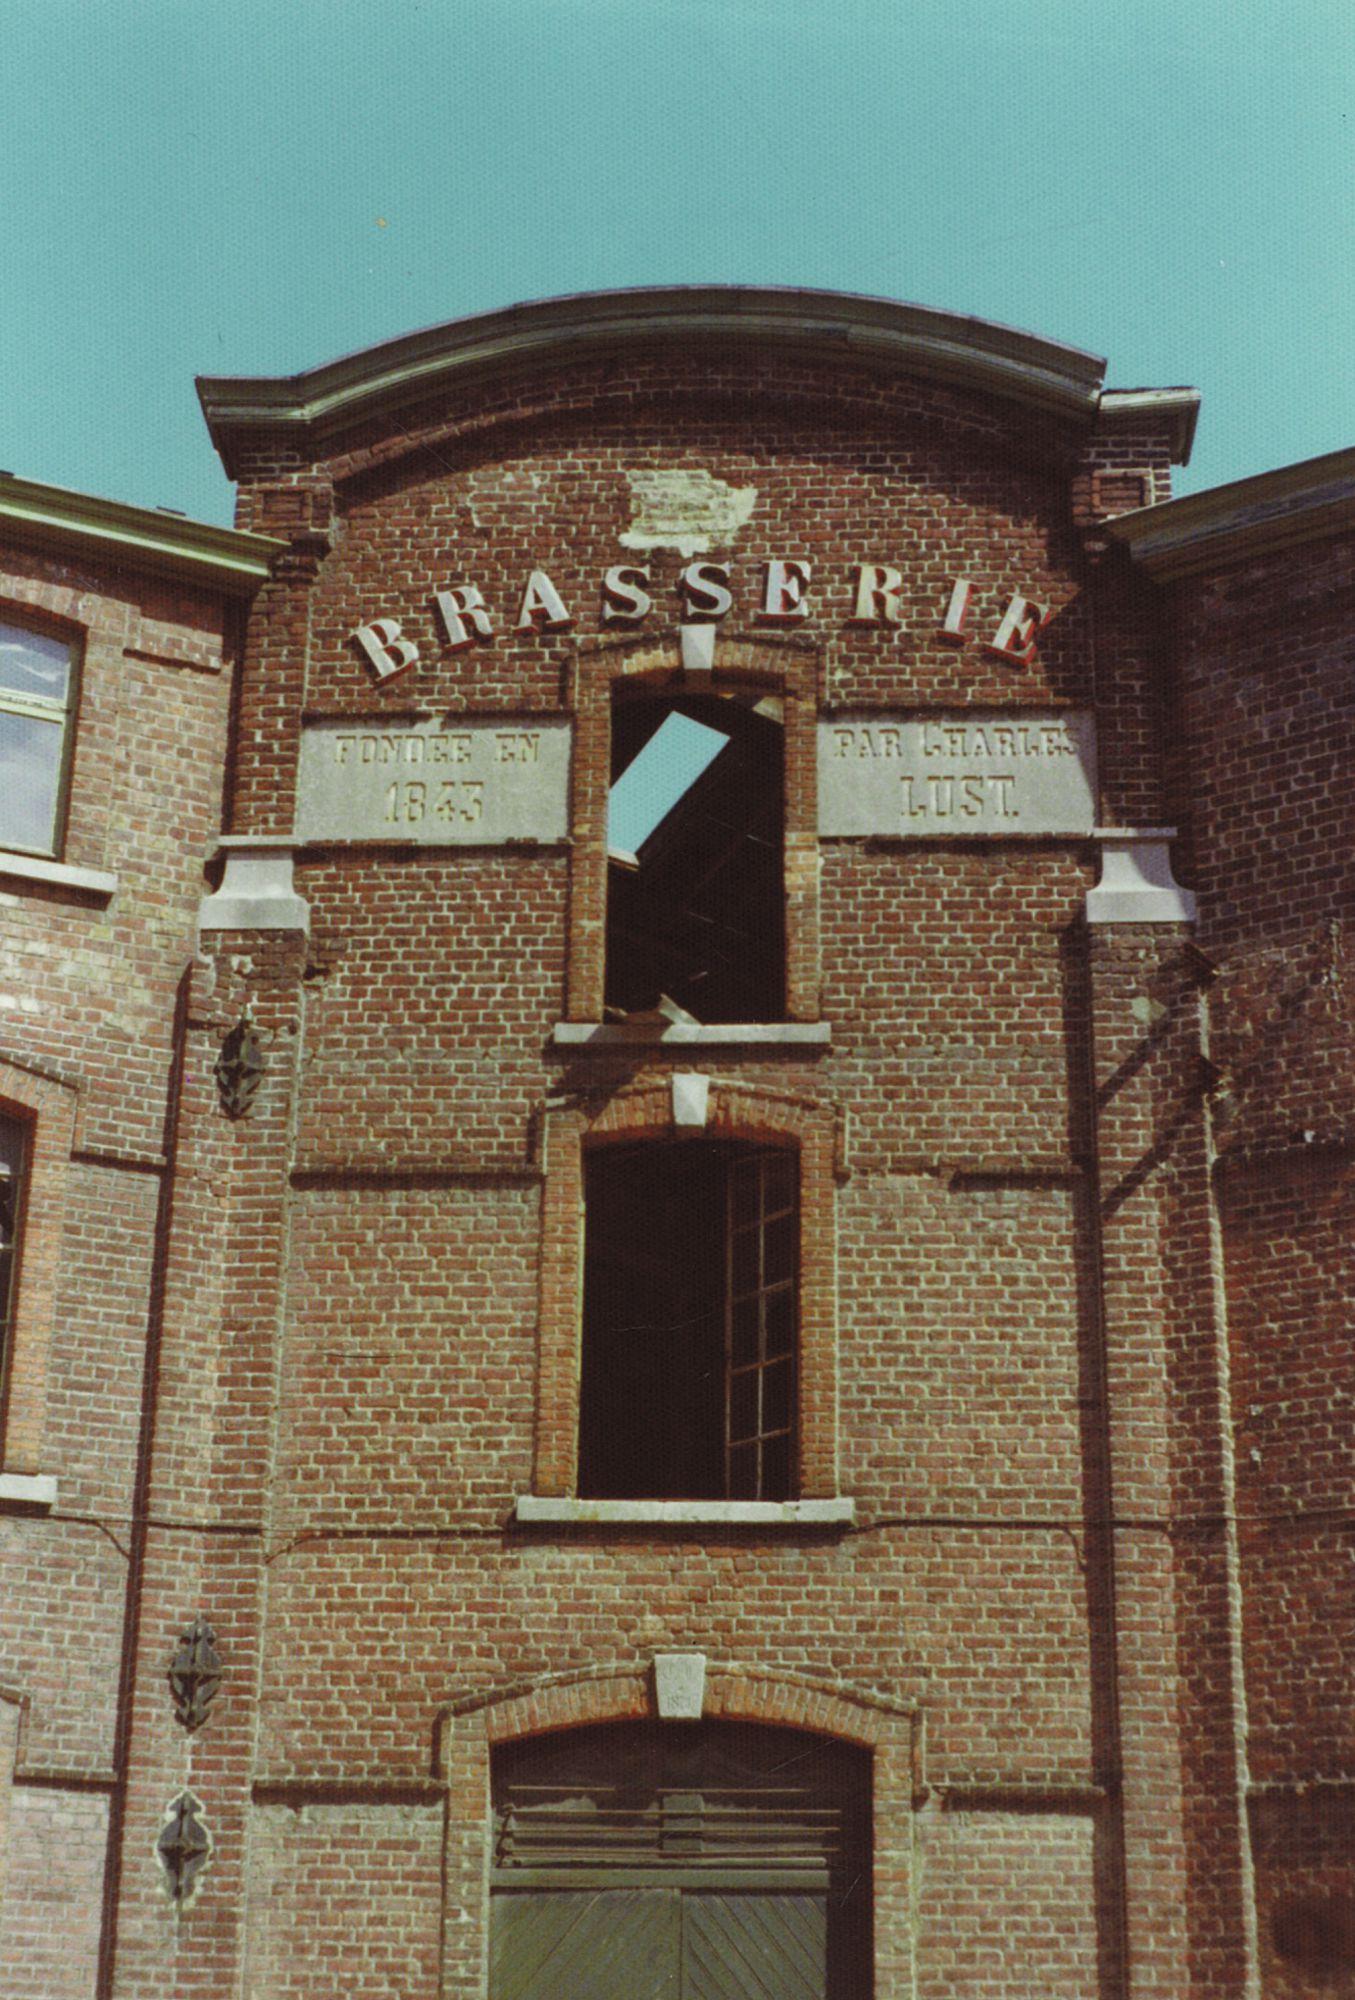 Brasserie Lust